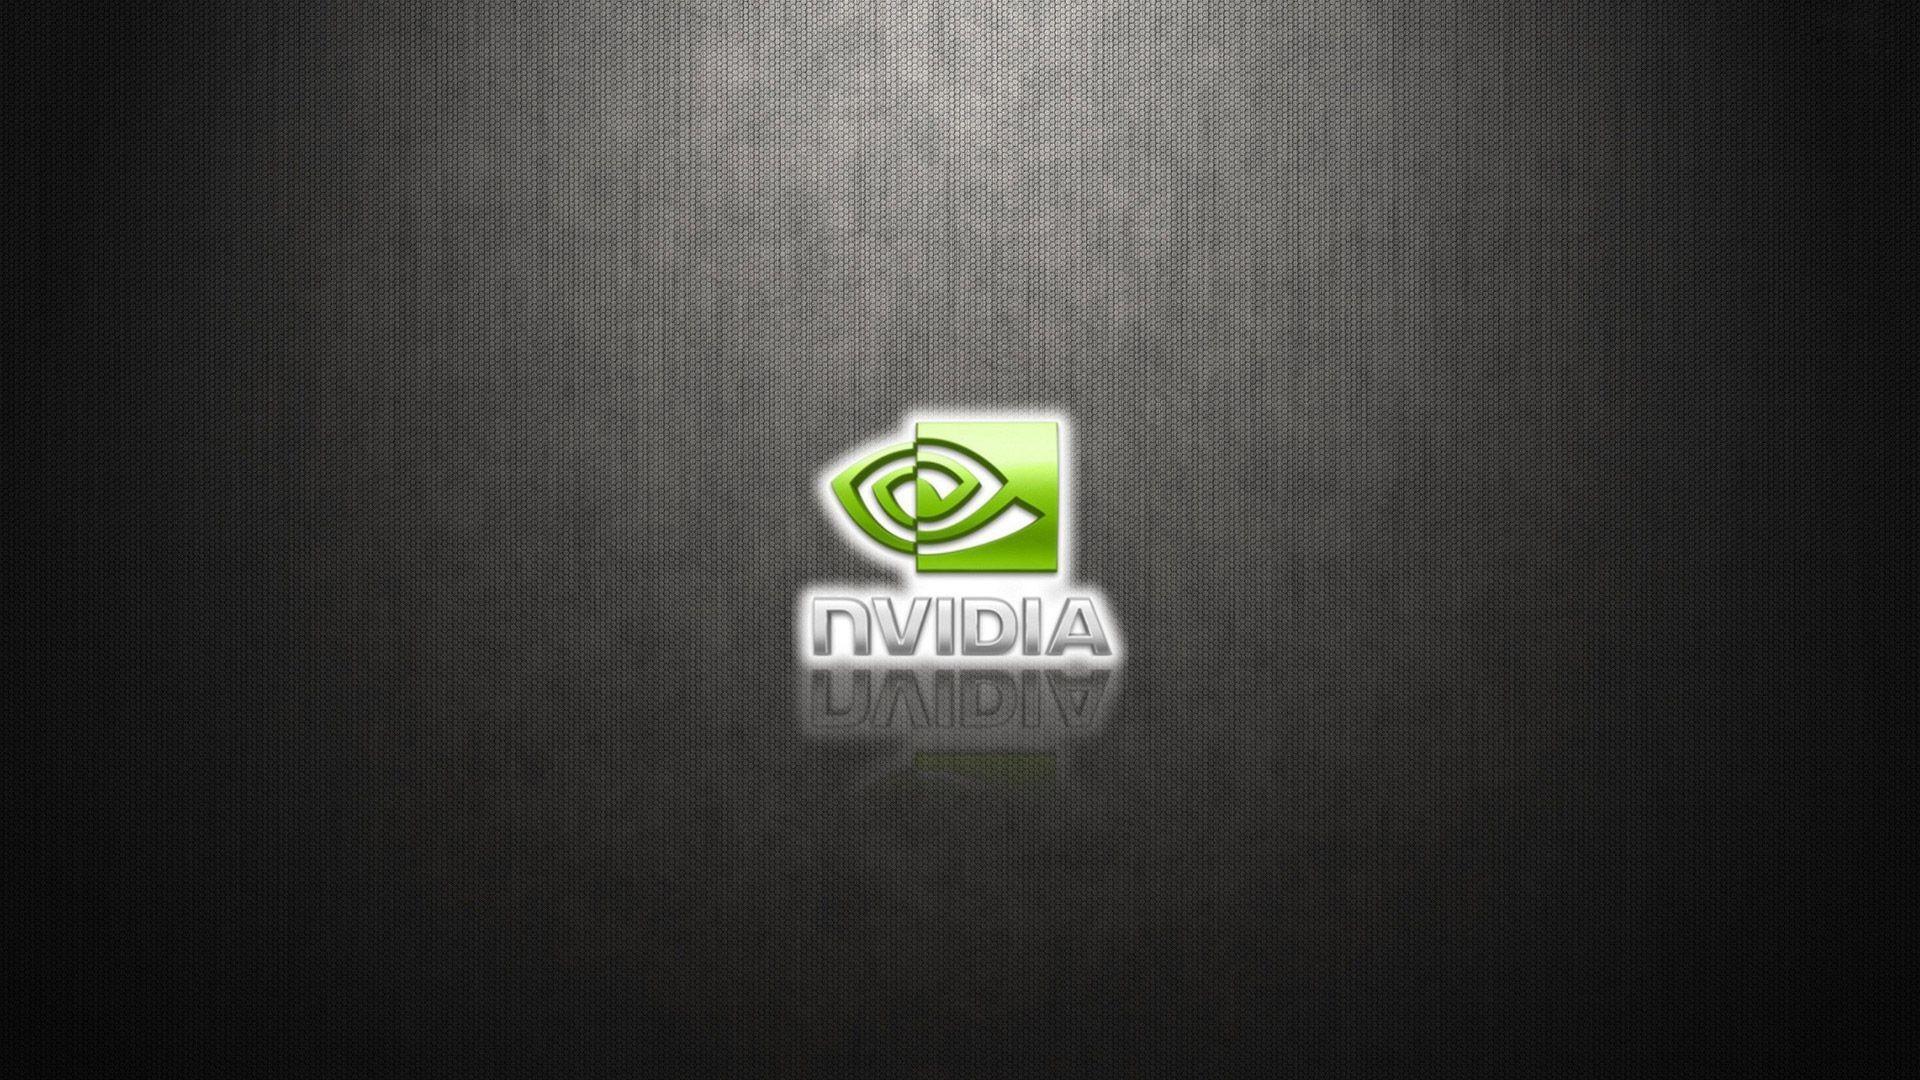 Nvidia Wallpaper – 1753438